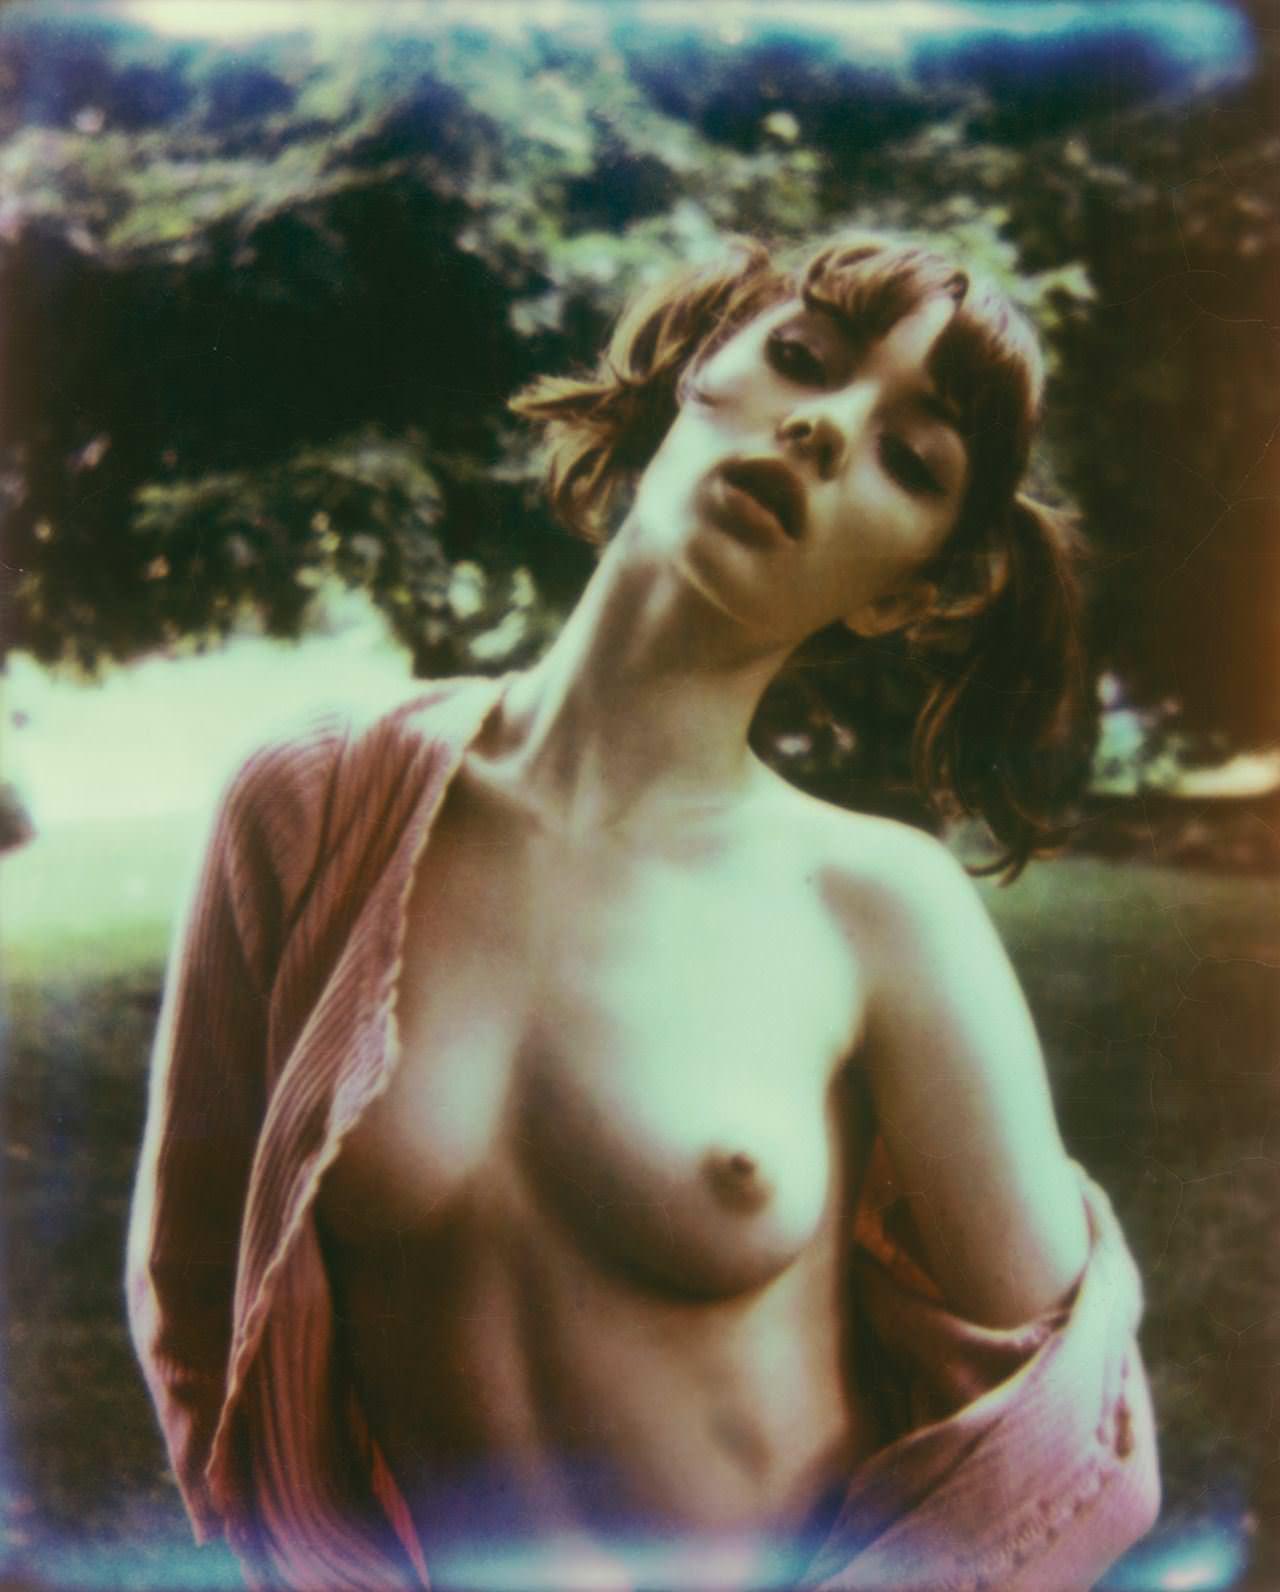 【外人】プロ写真家ジョナサン·レダーによって撮影されたノスタルジックなヌードポルノ画像 6139